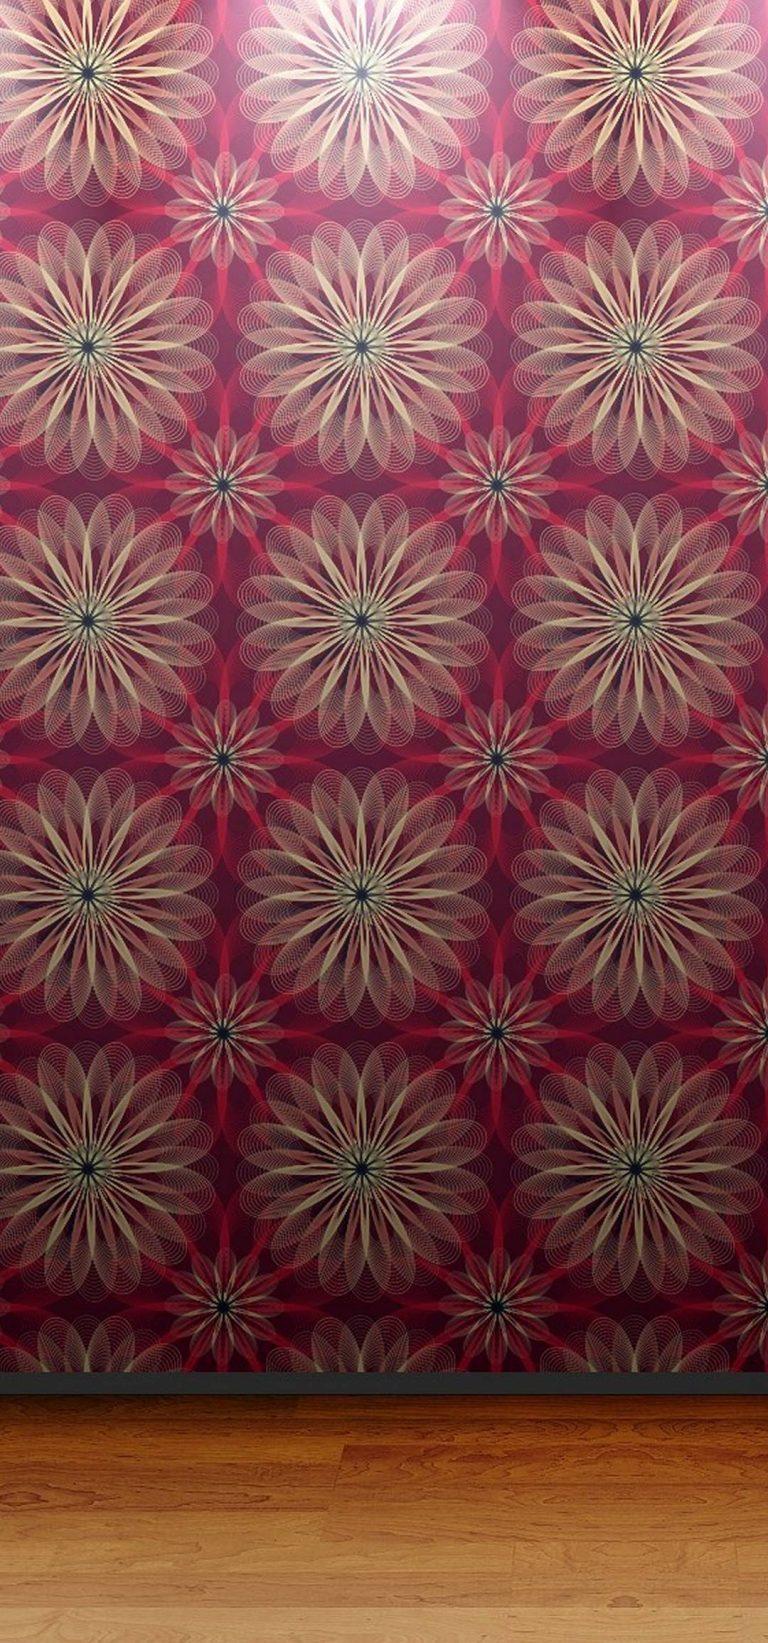 1080x2310 Wallpaper 106 768x1643